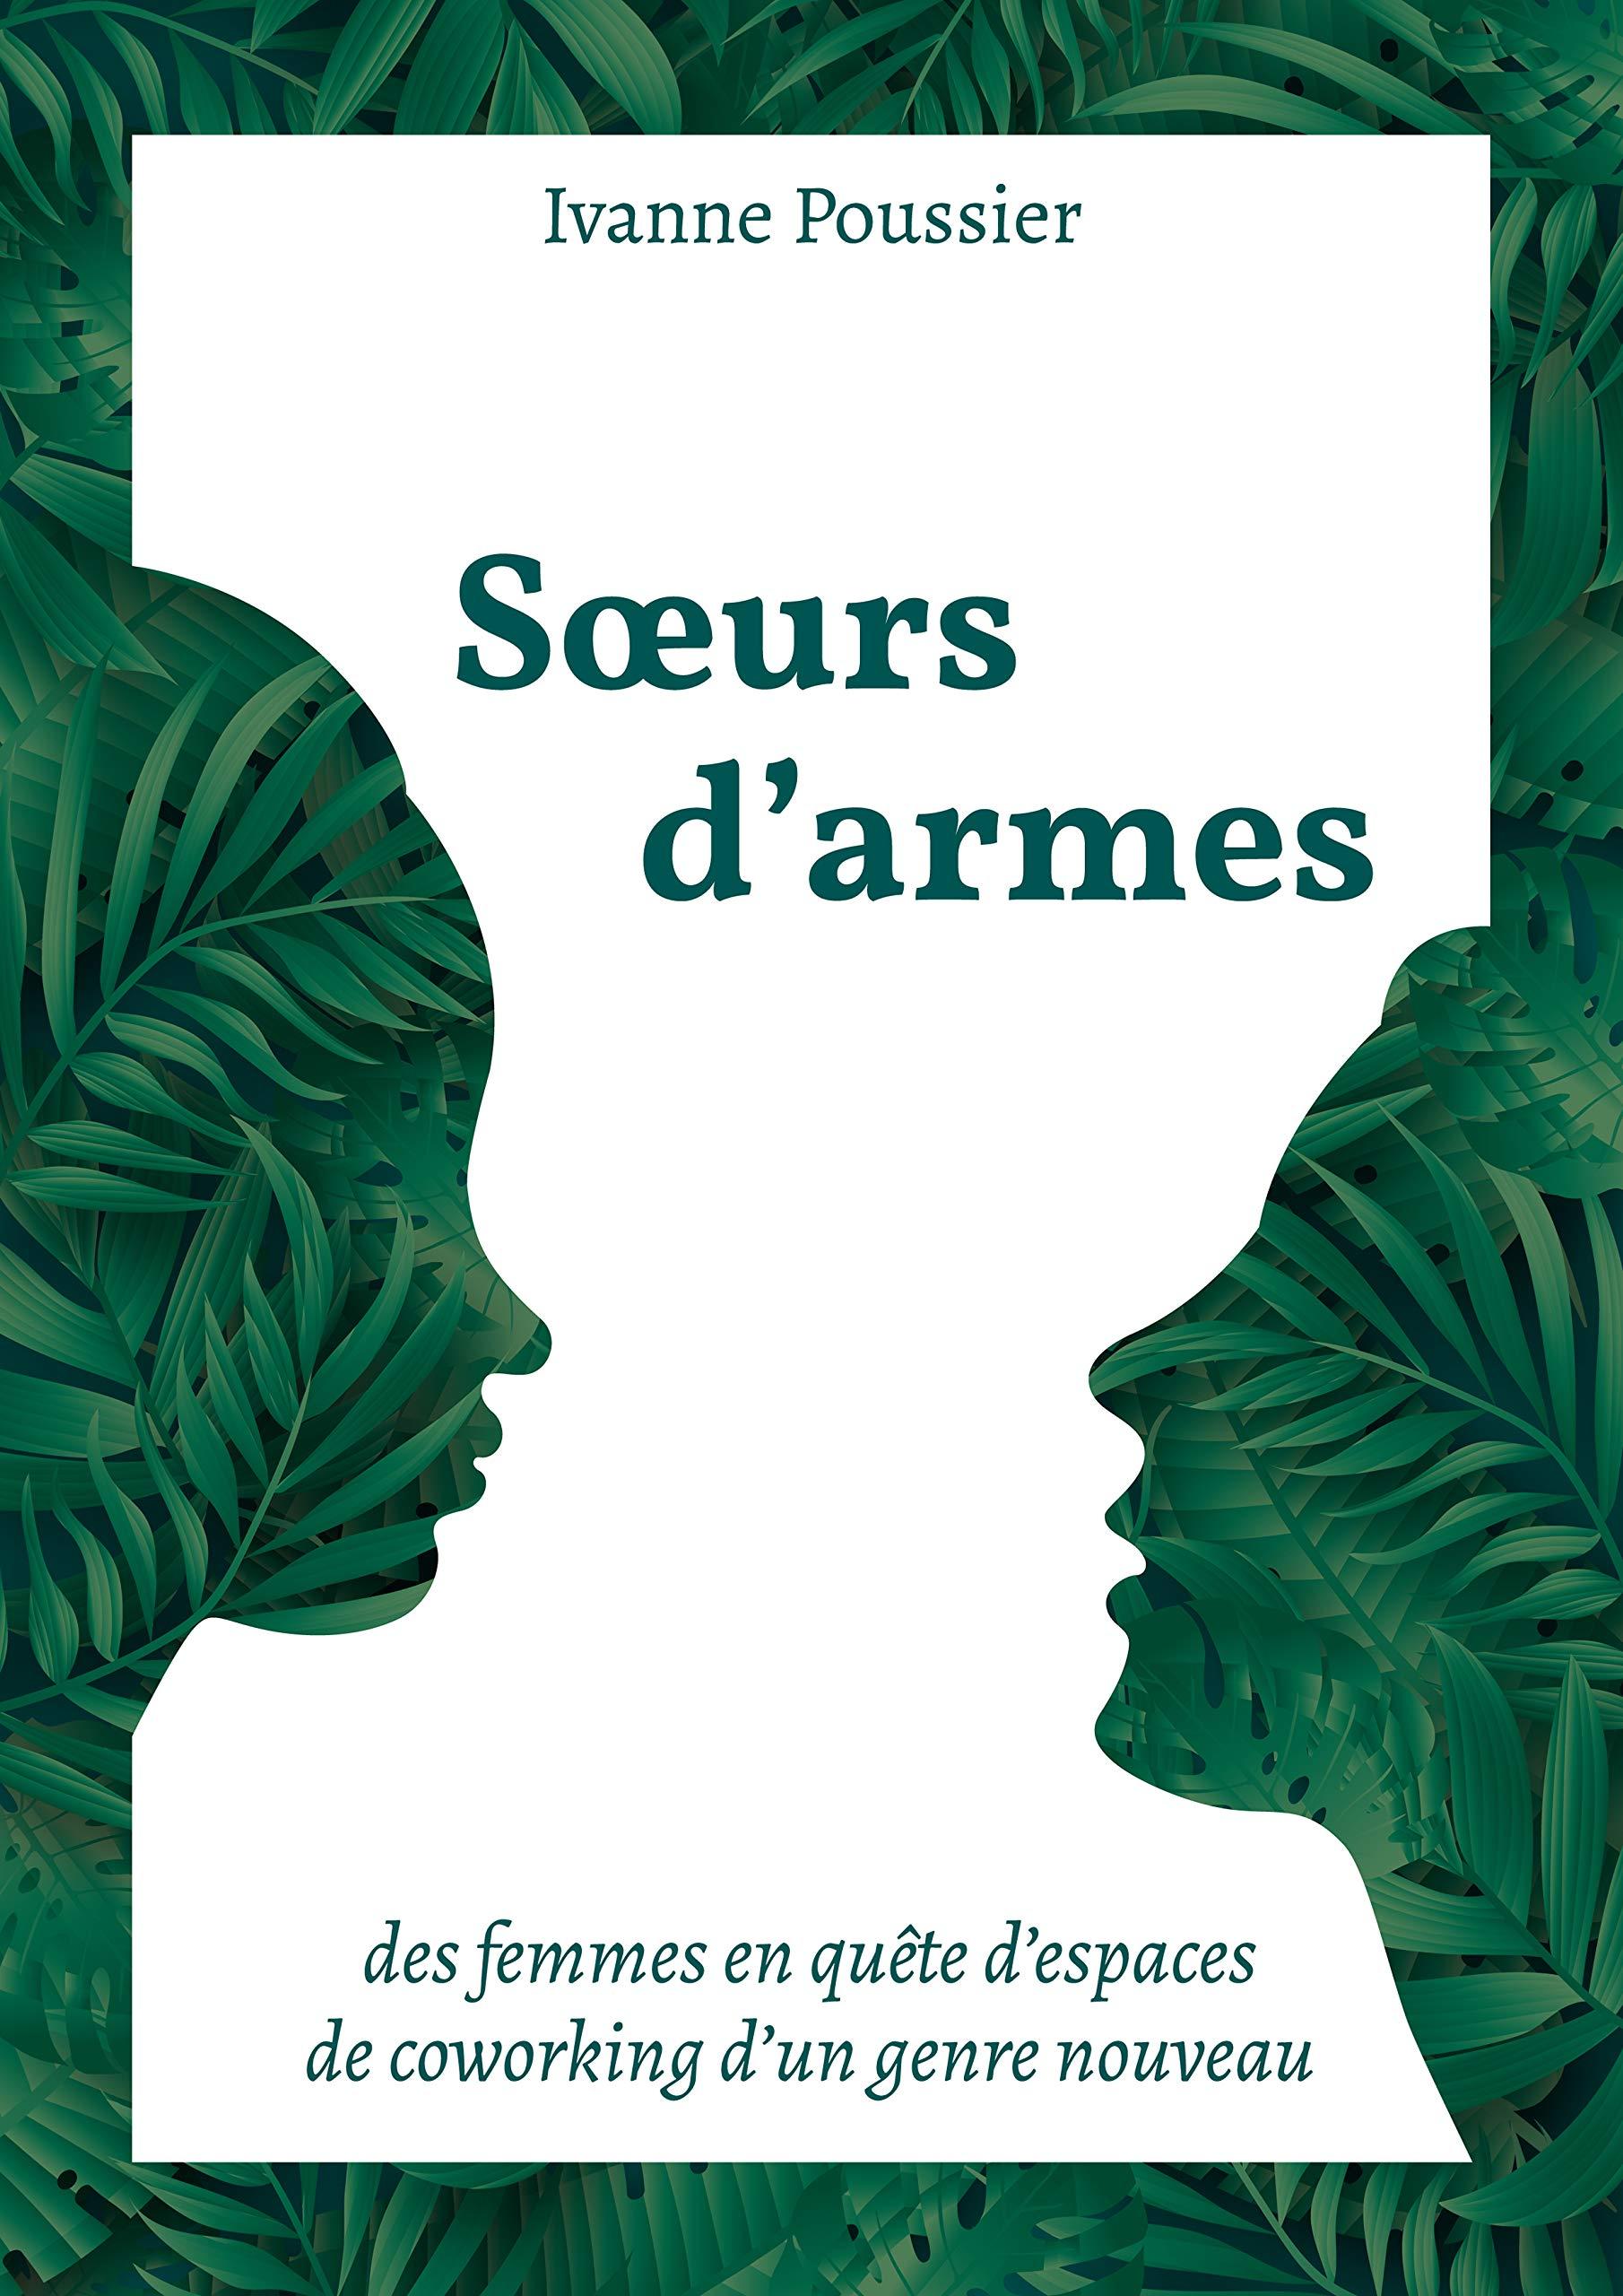 Soeurs d'armes: Des femmes en quête d'espaces de coworking d'un genre nouveau (French Edition)